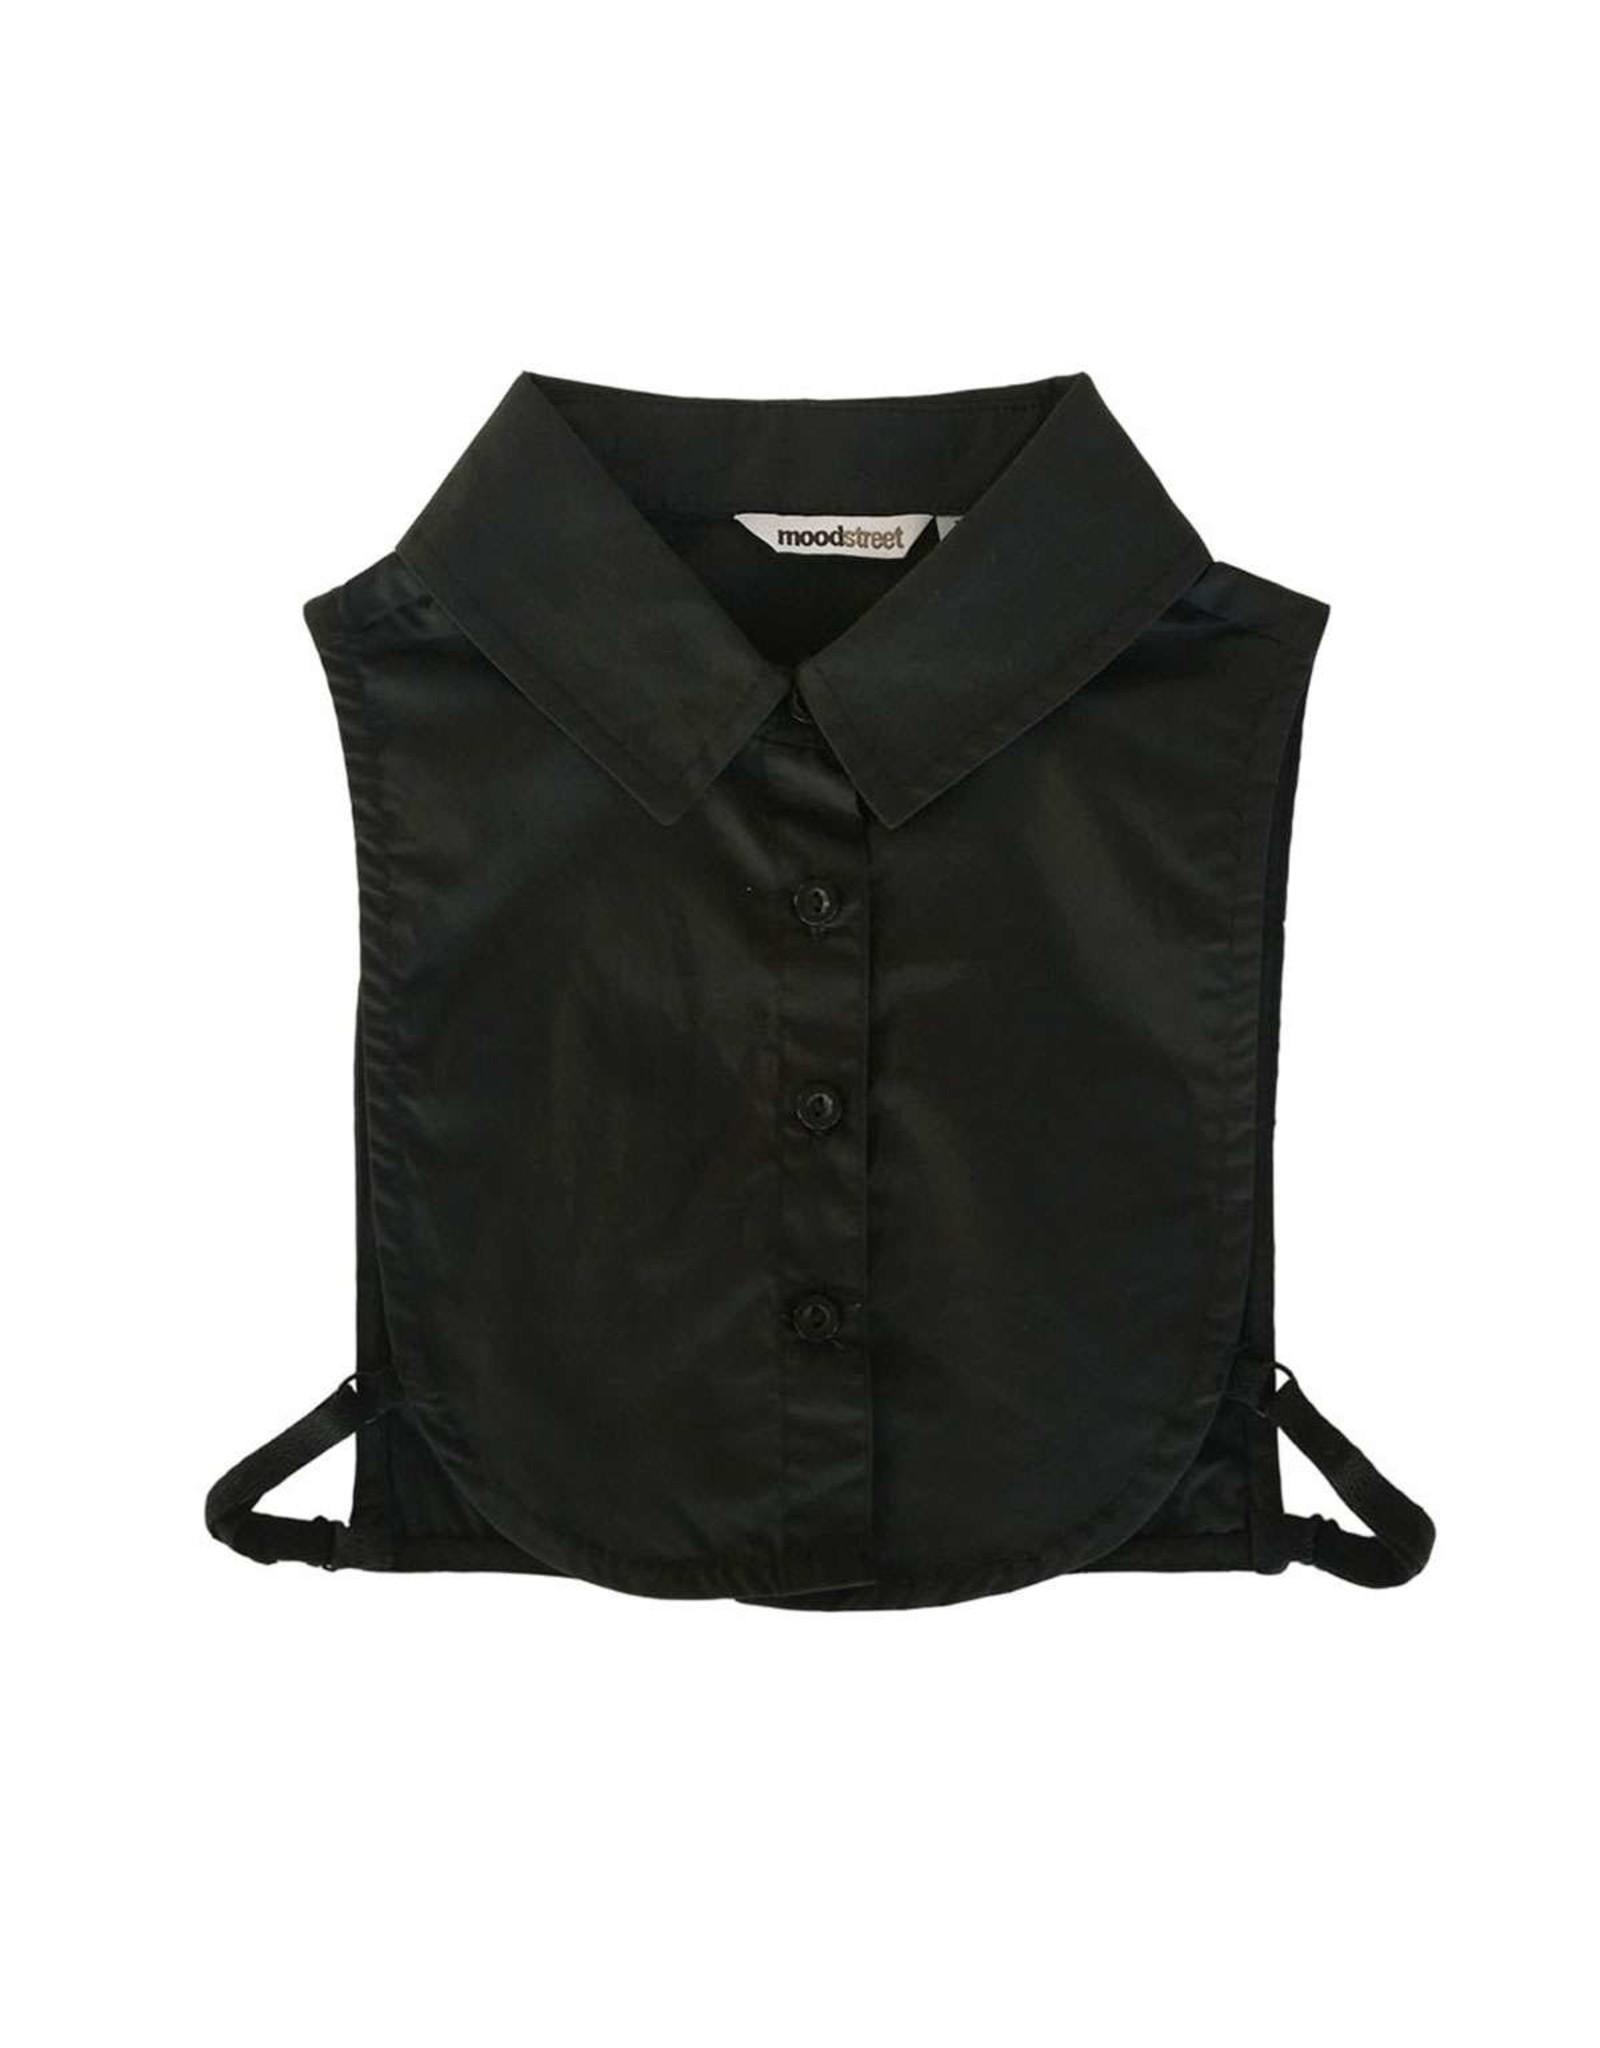 Moodstreet Moodstreet-MT Collar- Black